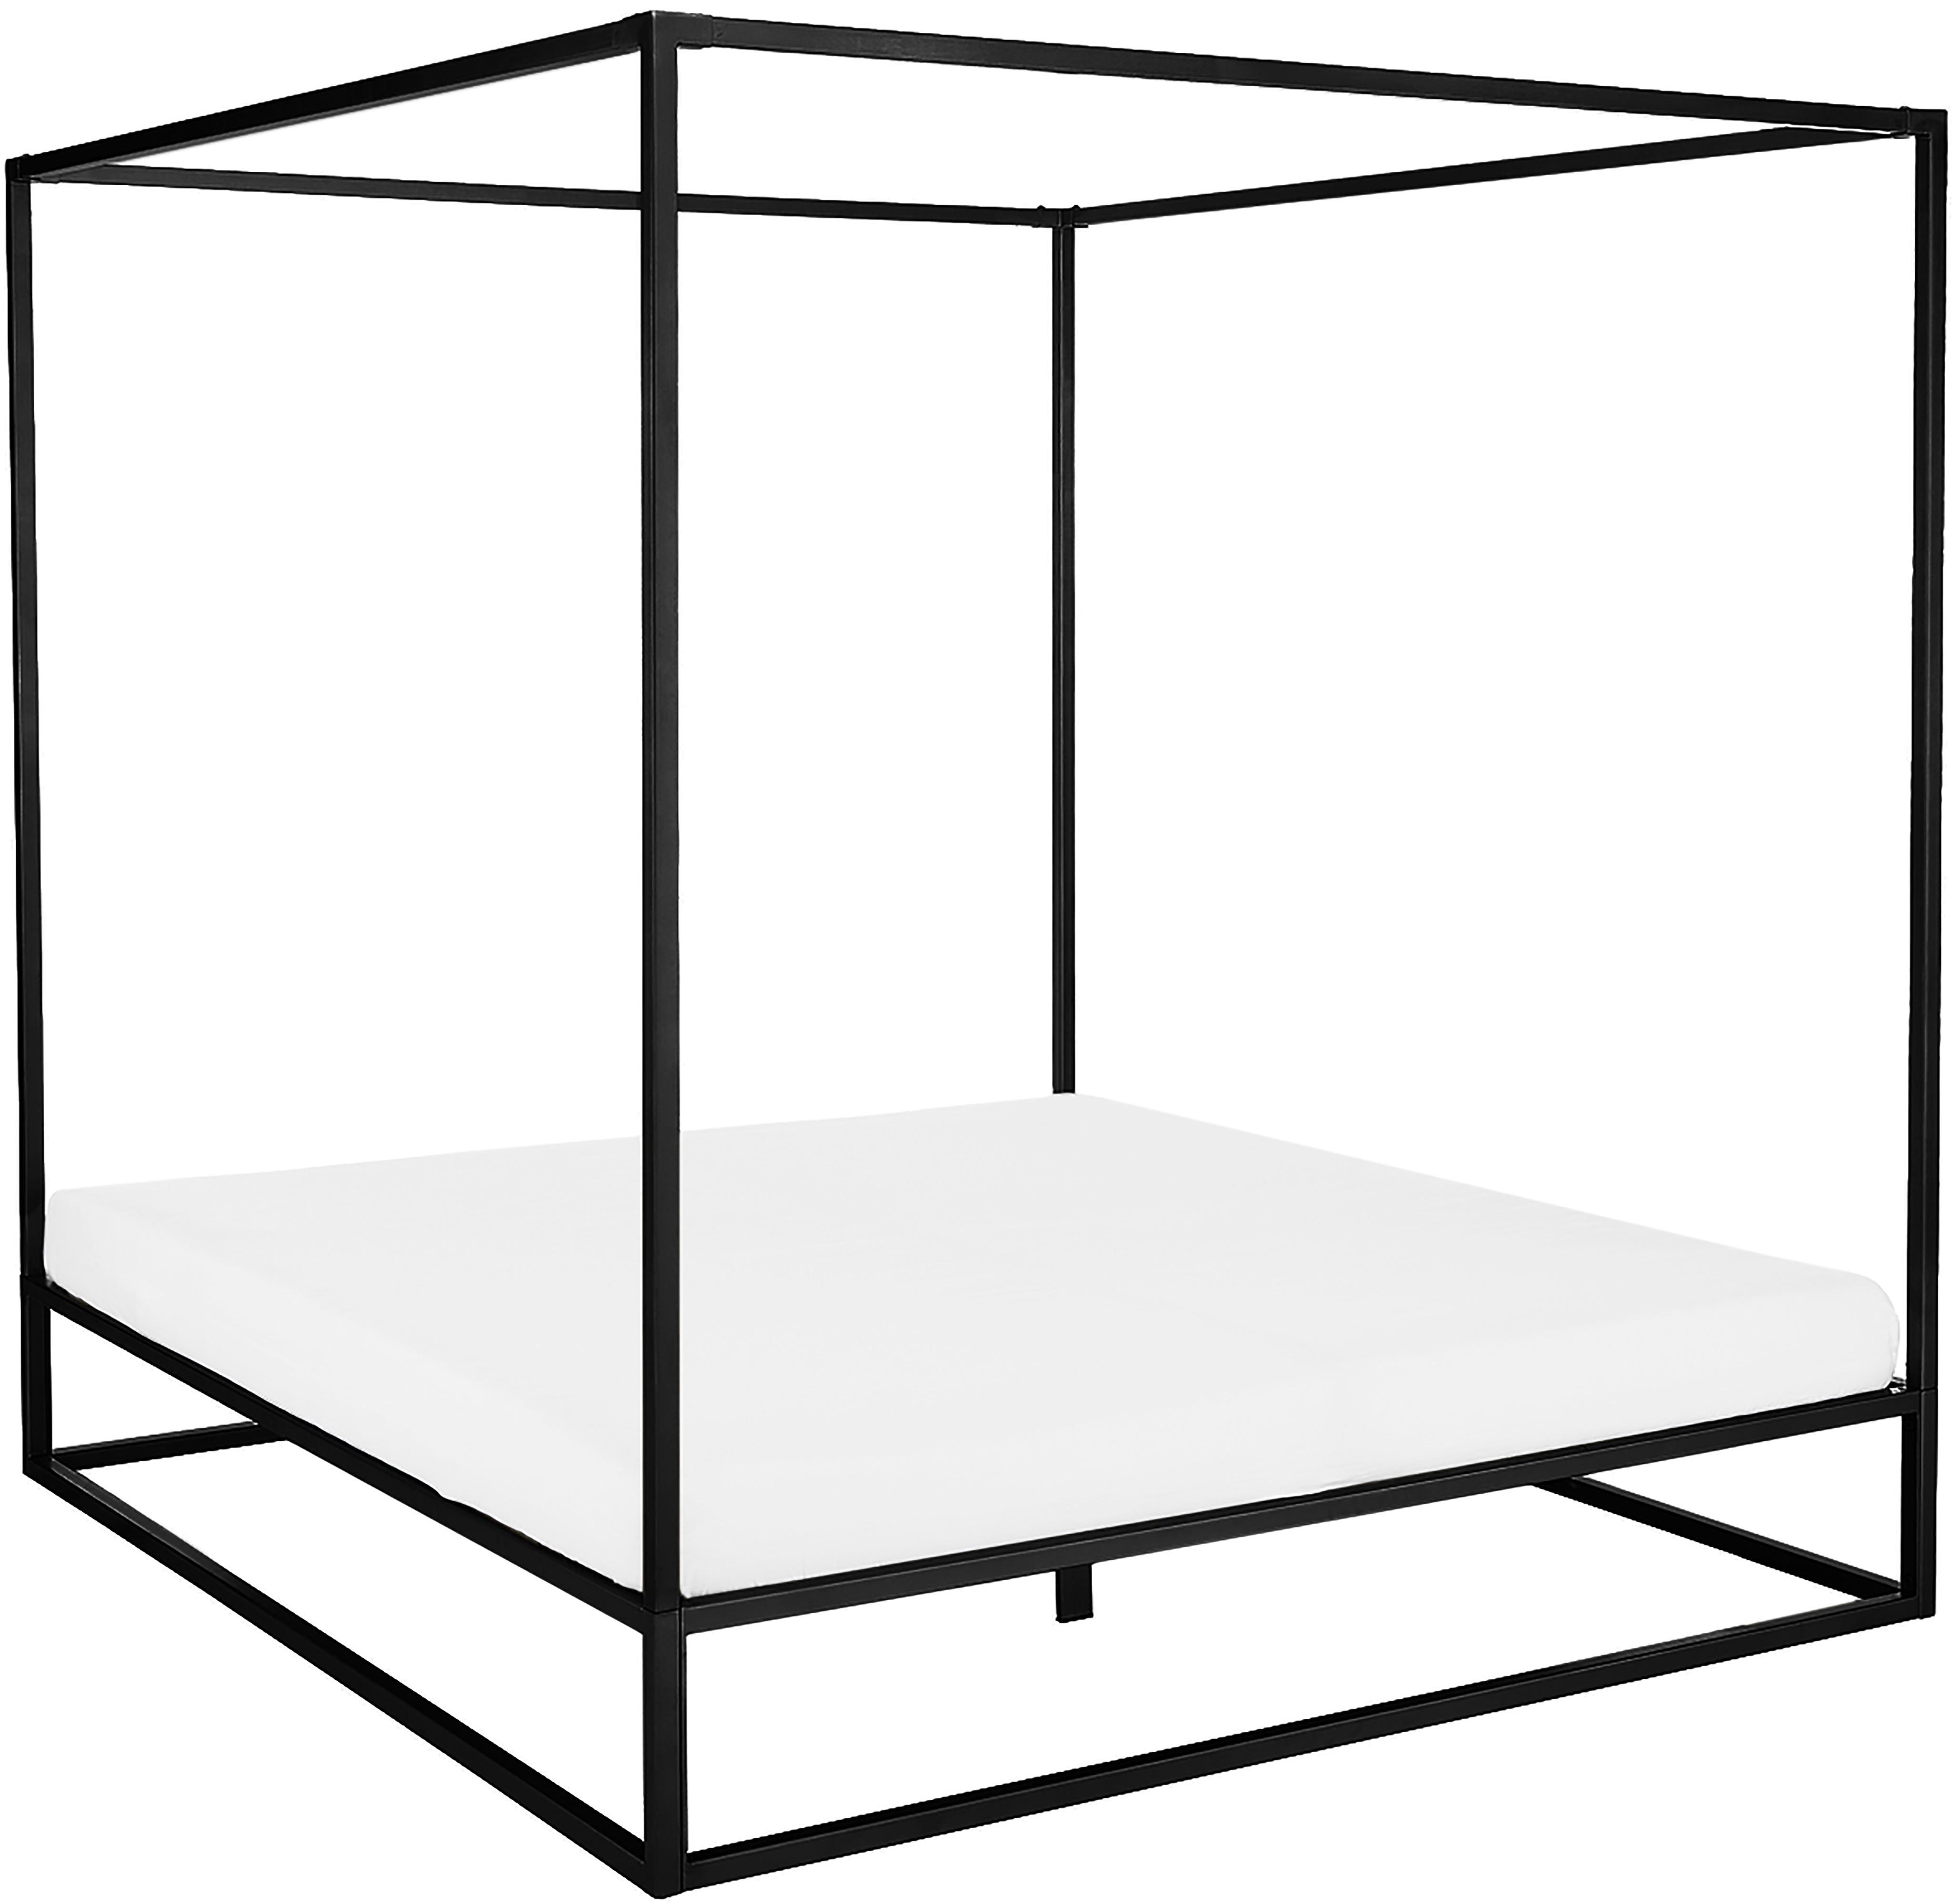 Himmelbett Belle, Metall, pulverbeschichtet, Schwarz, matt, 160 x 200 cm